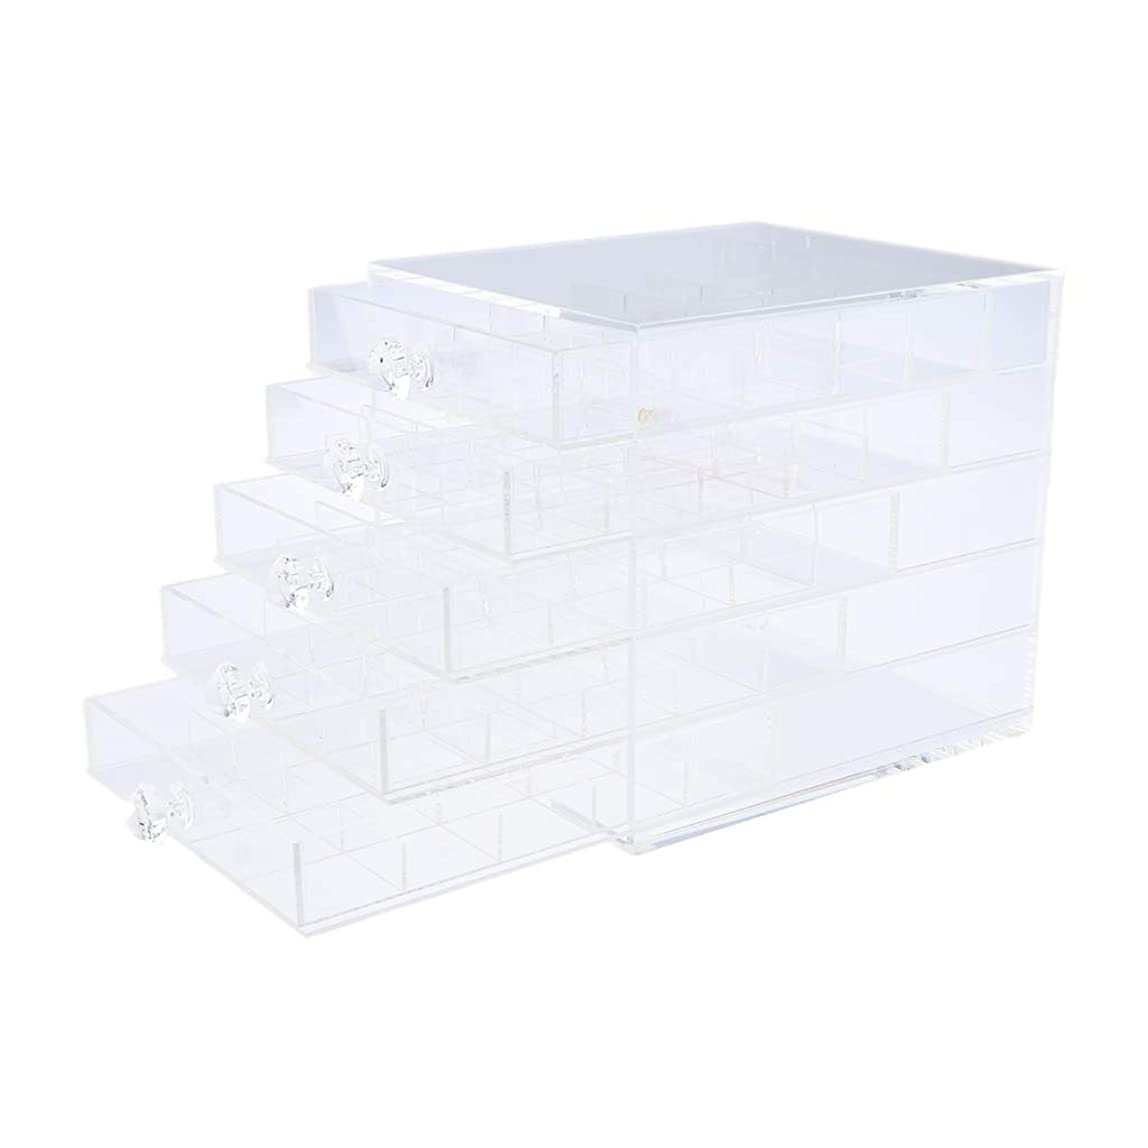 小さいおもしろいプレゼントSM SunniMix ネイル収納ボックス 化粧品収納 ネイルアート 引き出し ジュエリーコンテナ アクリル 耐久性